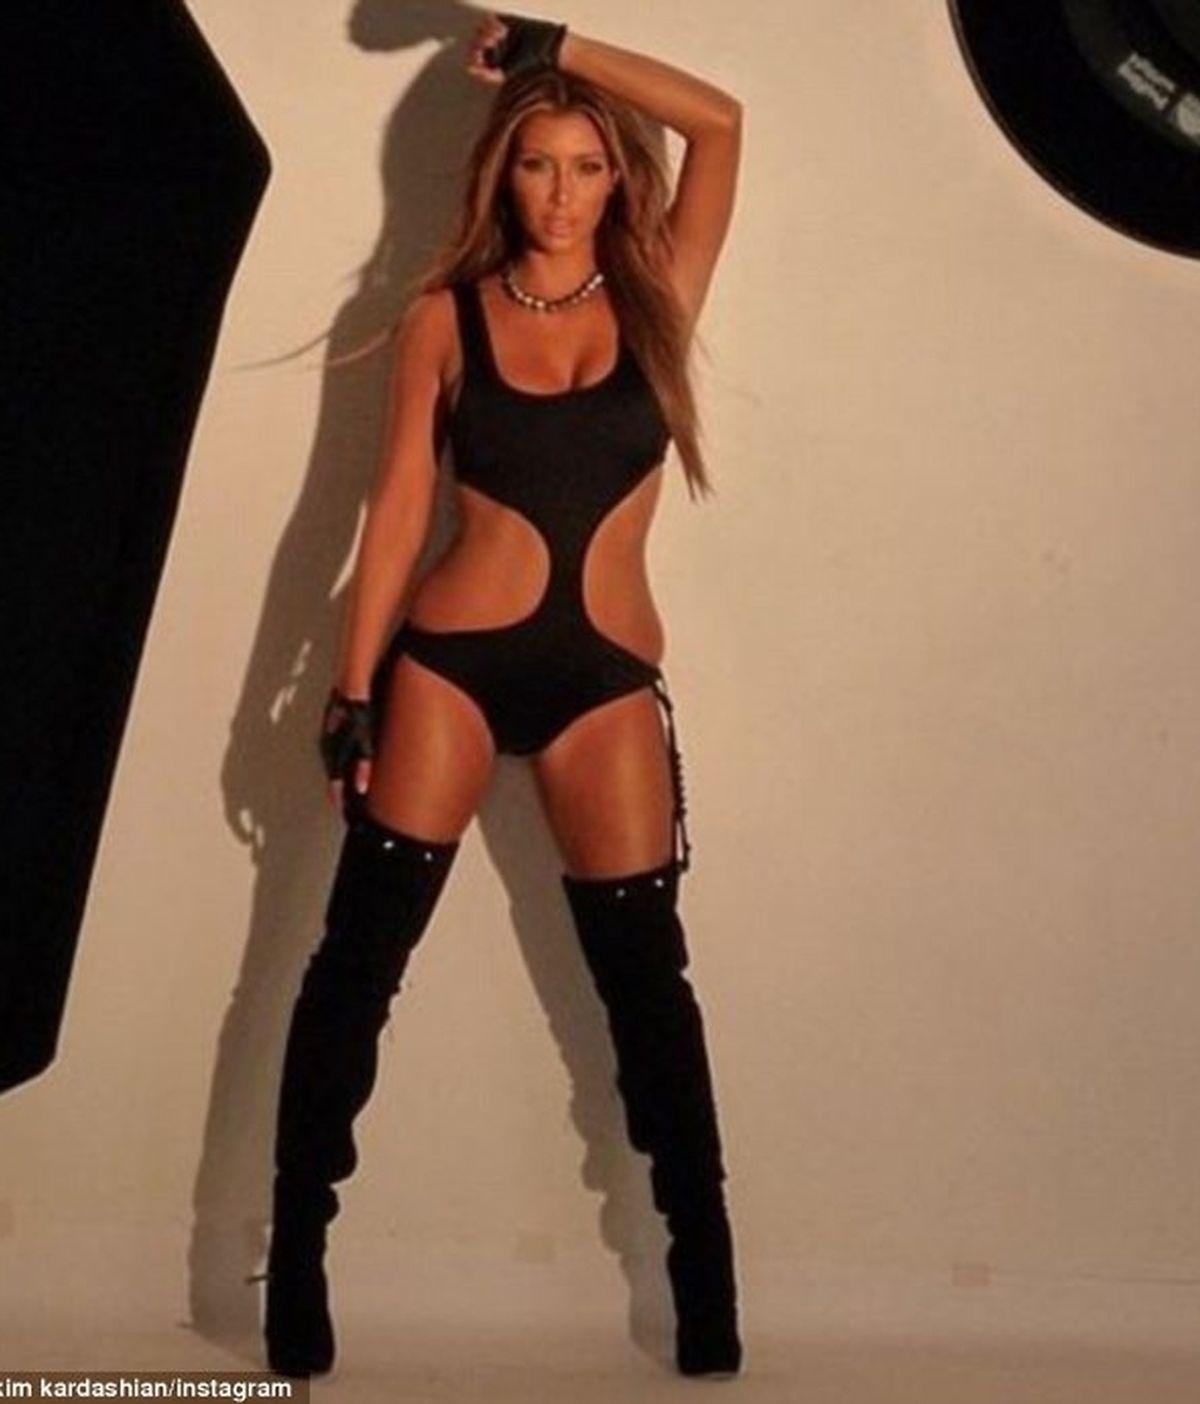 Kim Kardashian enseña antiguas fotos en trikini y botas en Instagram